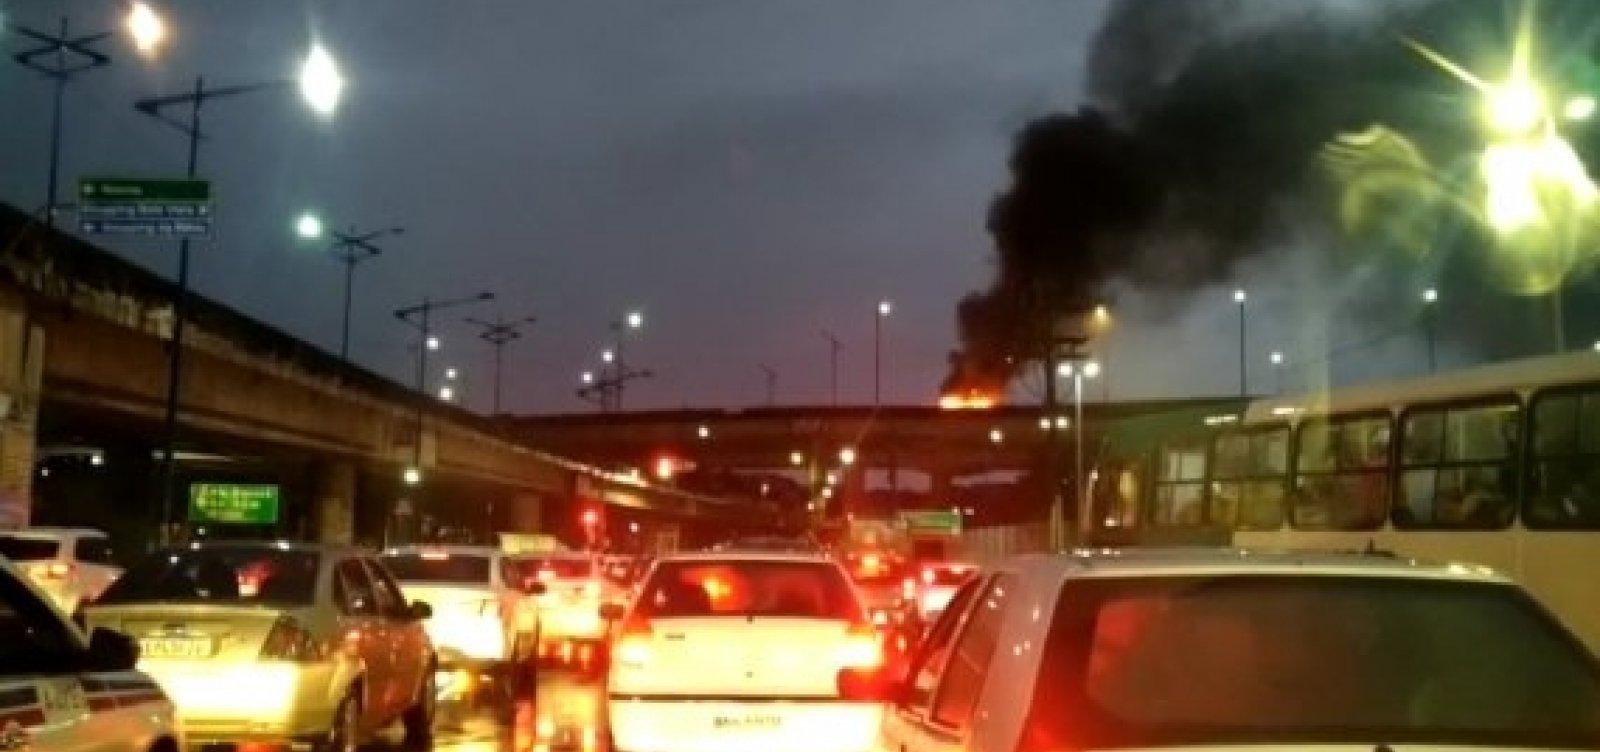 Carro pega fogo no viaduto do Cabula e provoca enorme congestionamento